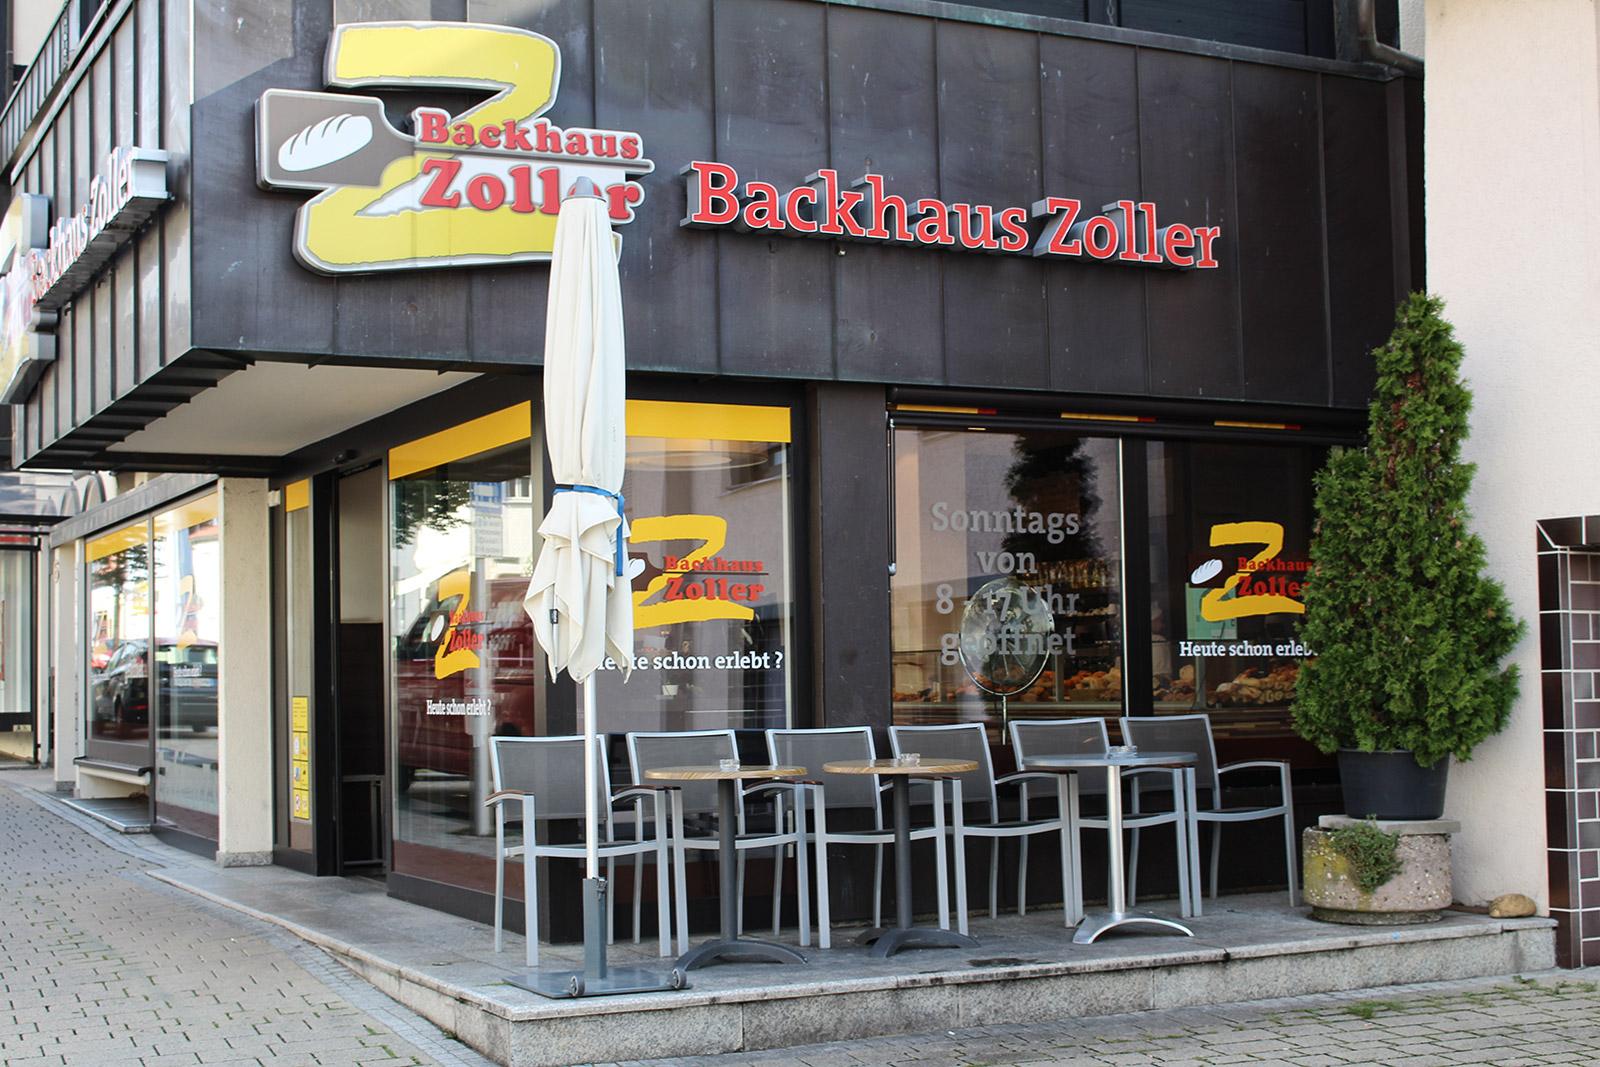 backhaus-zoller-fageschaeft_Zell-außen